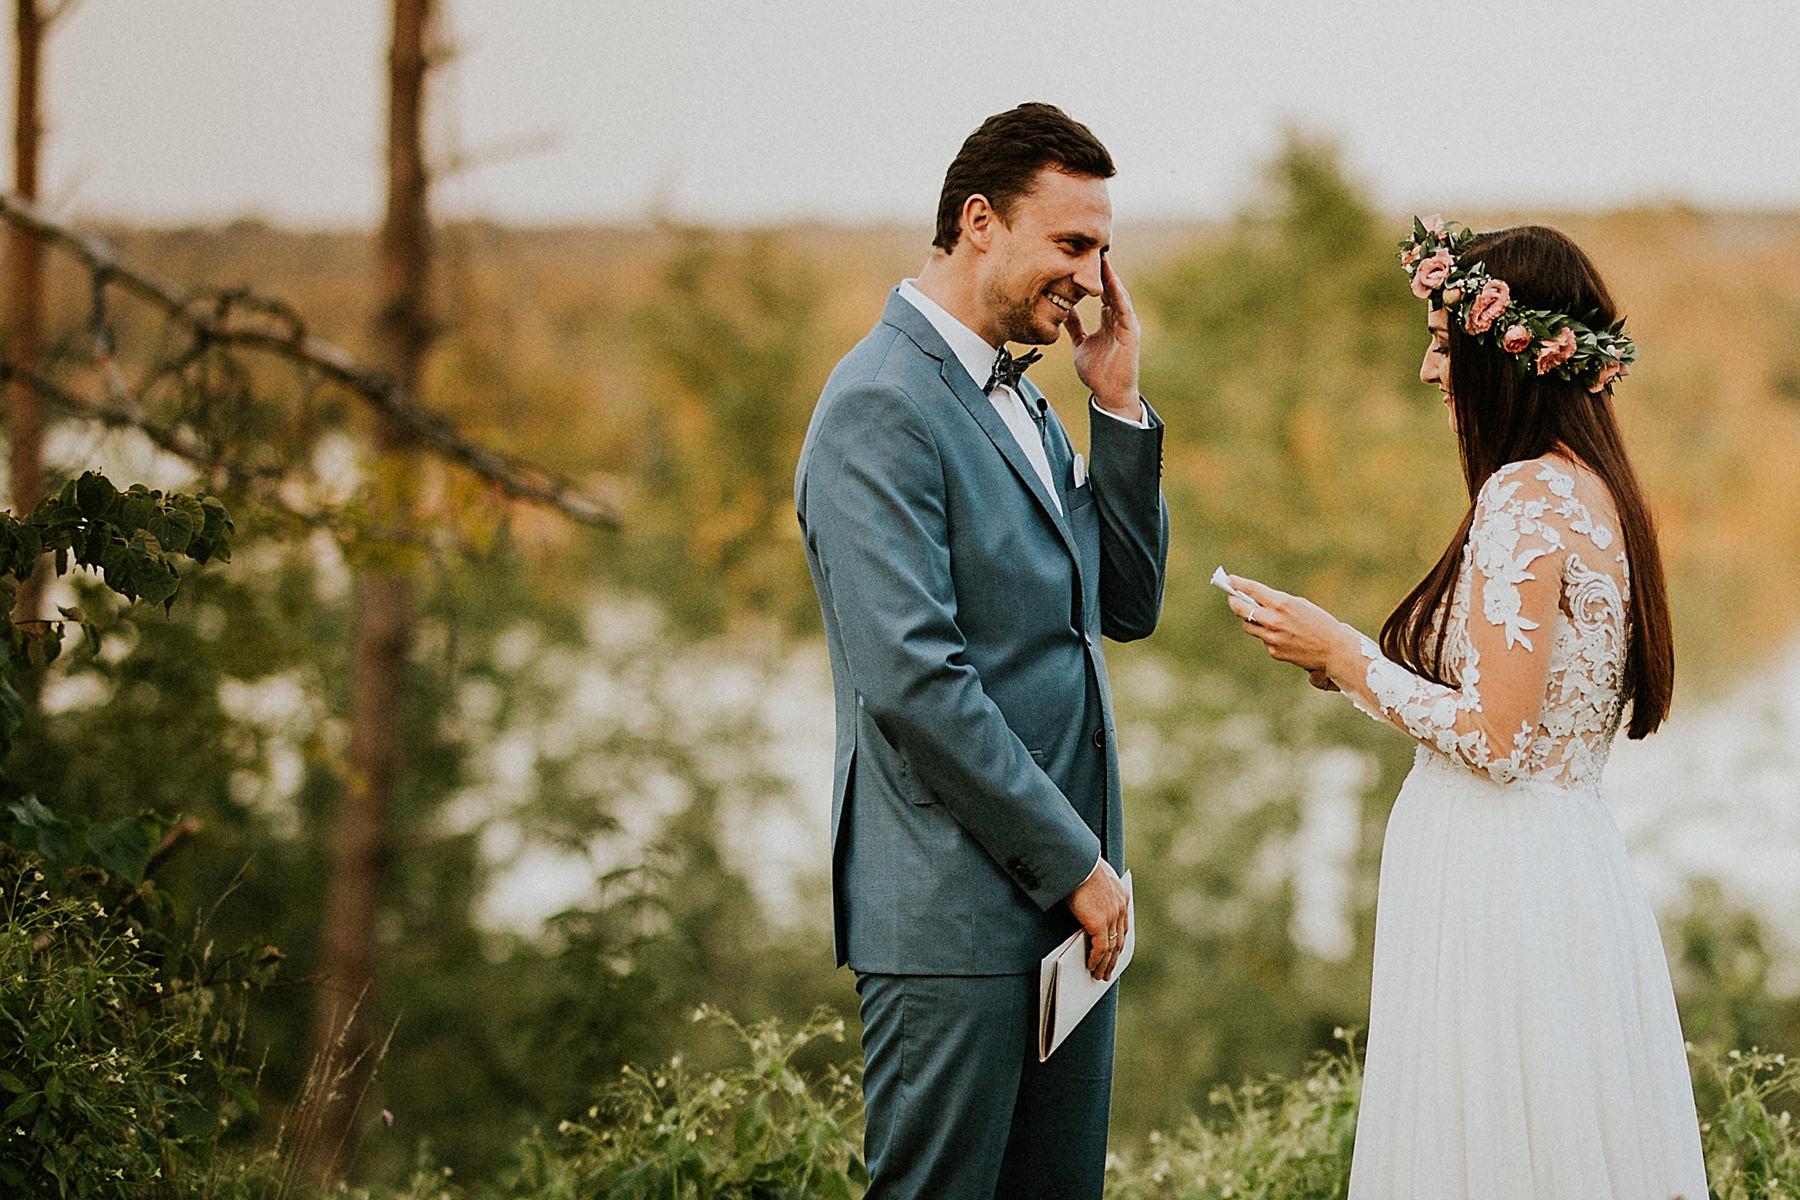 pisanie listów miłosnych sesja poślubna